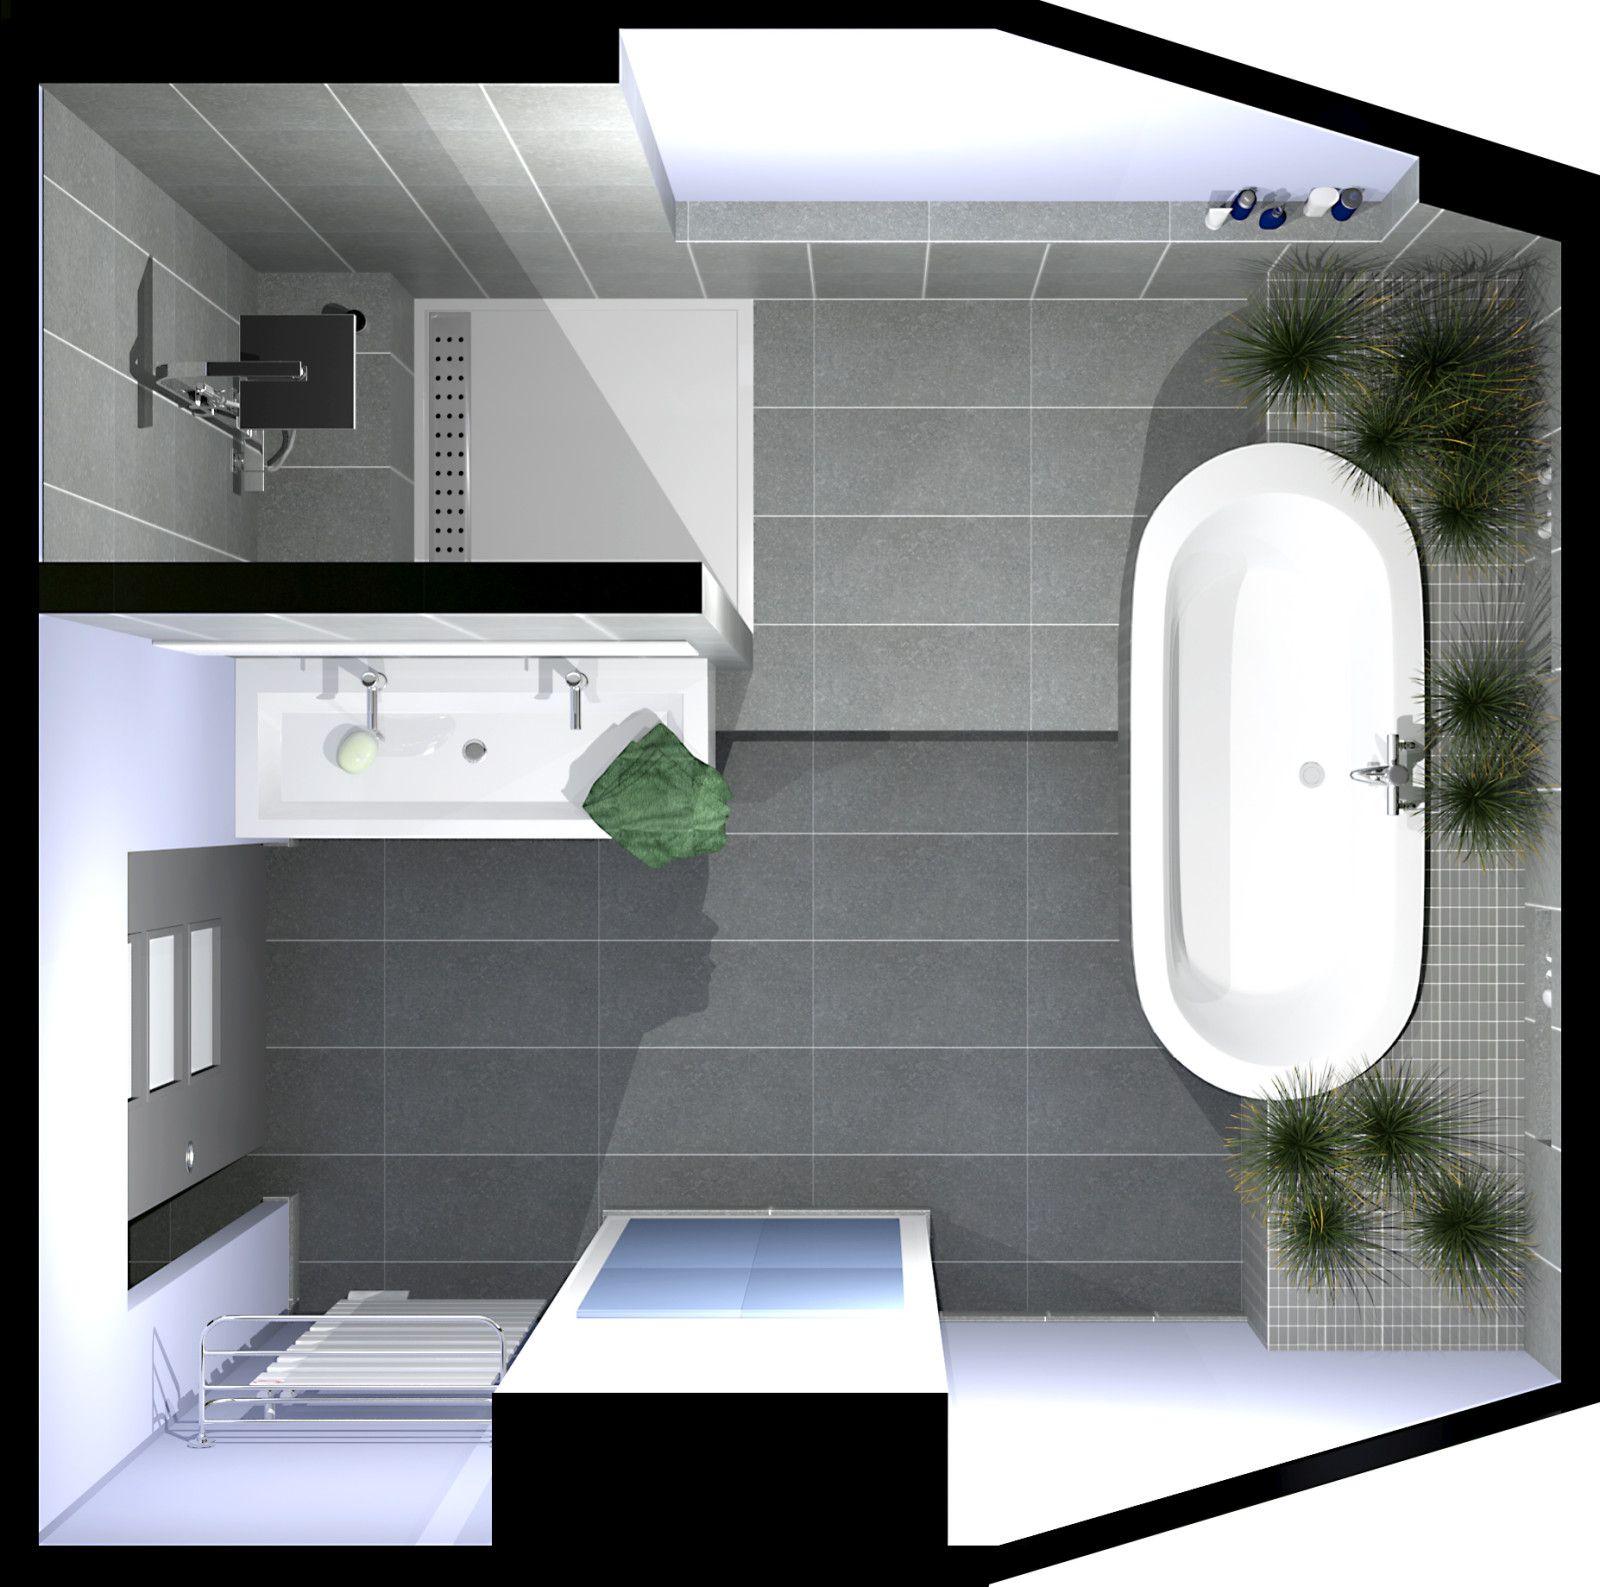 besten 25 salle de bain 6m2 ideen auf pinterest kleiner